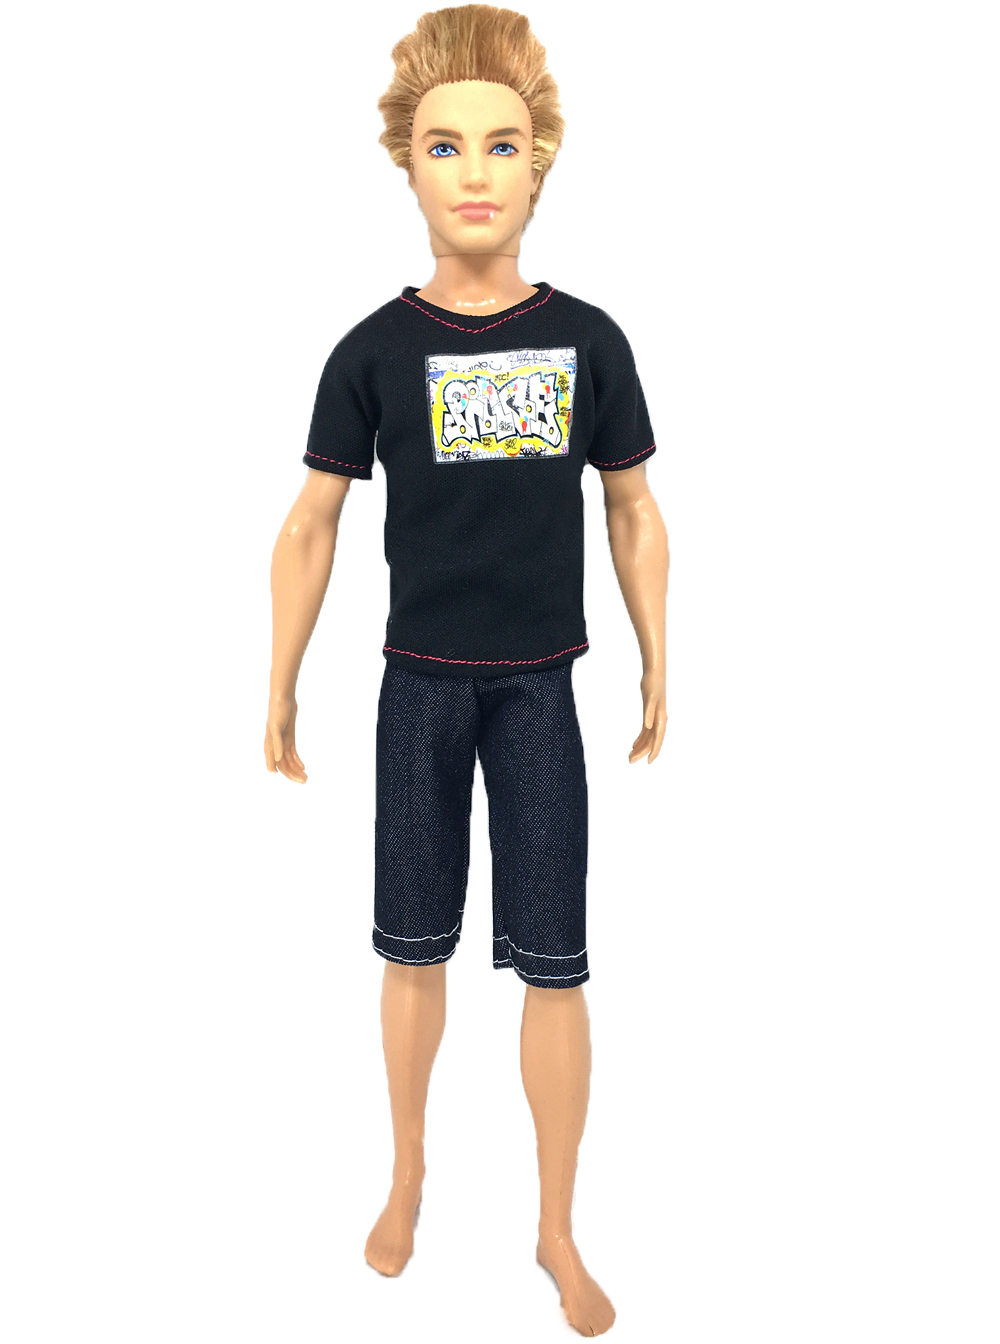 e4c30d473383a NK Bir Set Prens Bebek Rahat El Yapımı Elbise Ceket Pantolon Kıyafetler  için barbie bebek ken için barbie çocuk firend 022B